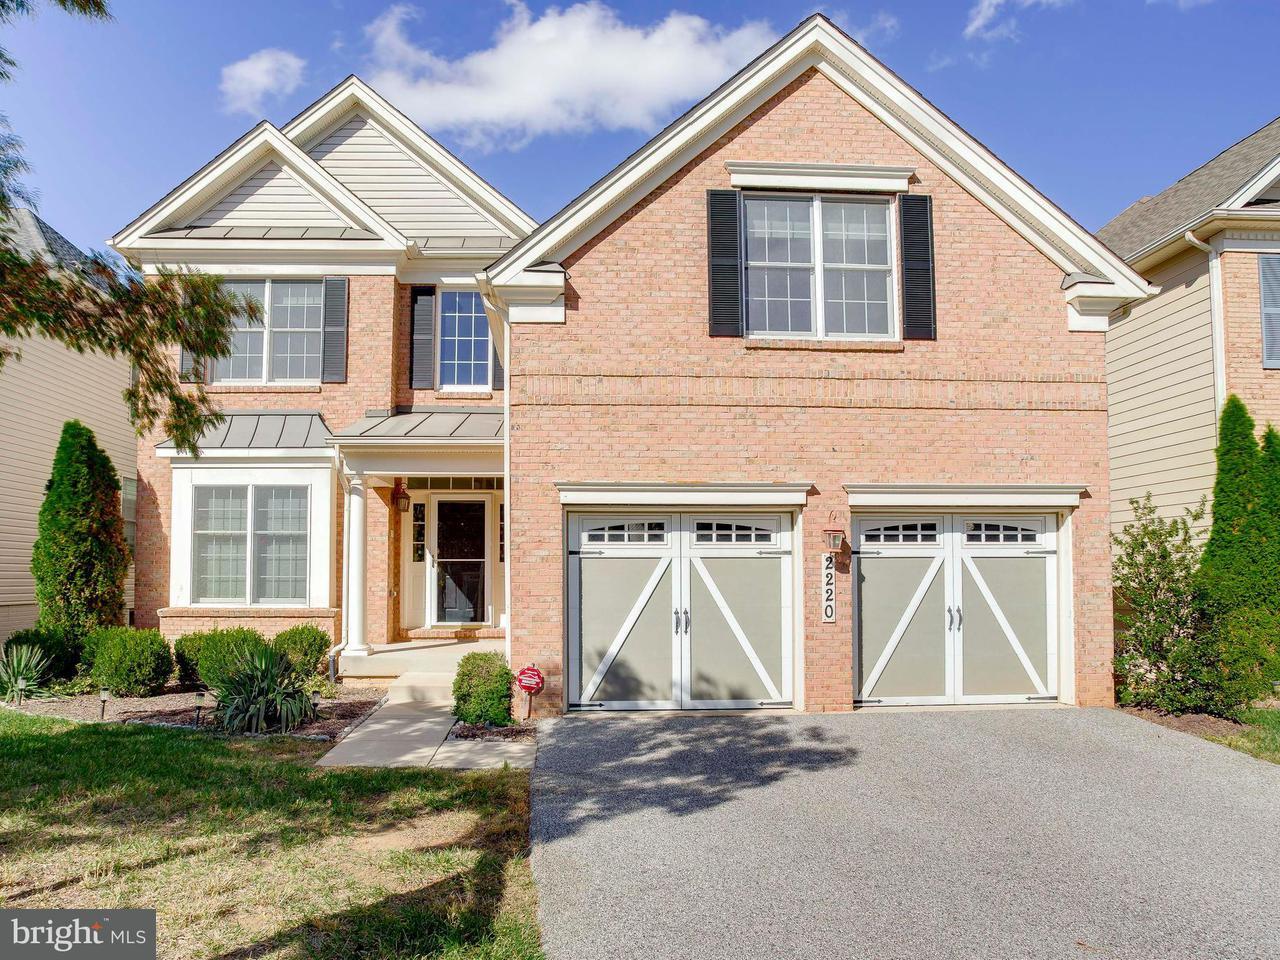 一戸建て のために 売買 アット 2220 HOLLOWOAK Drive 2220 HOLLOWOAK Drive Hanover, メリーランド 21076 アメリカ合衆国